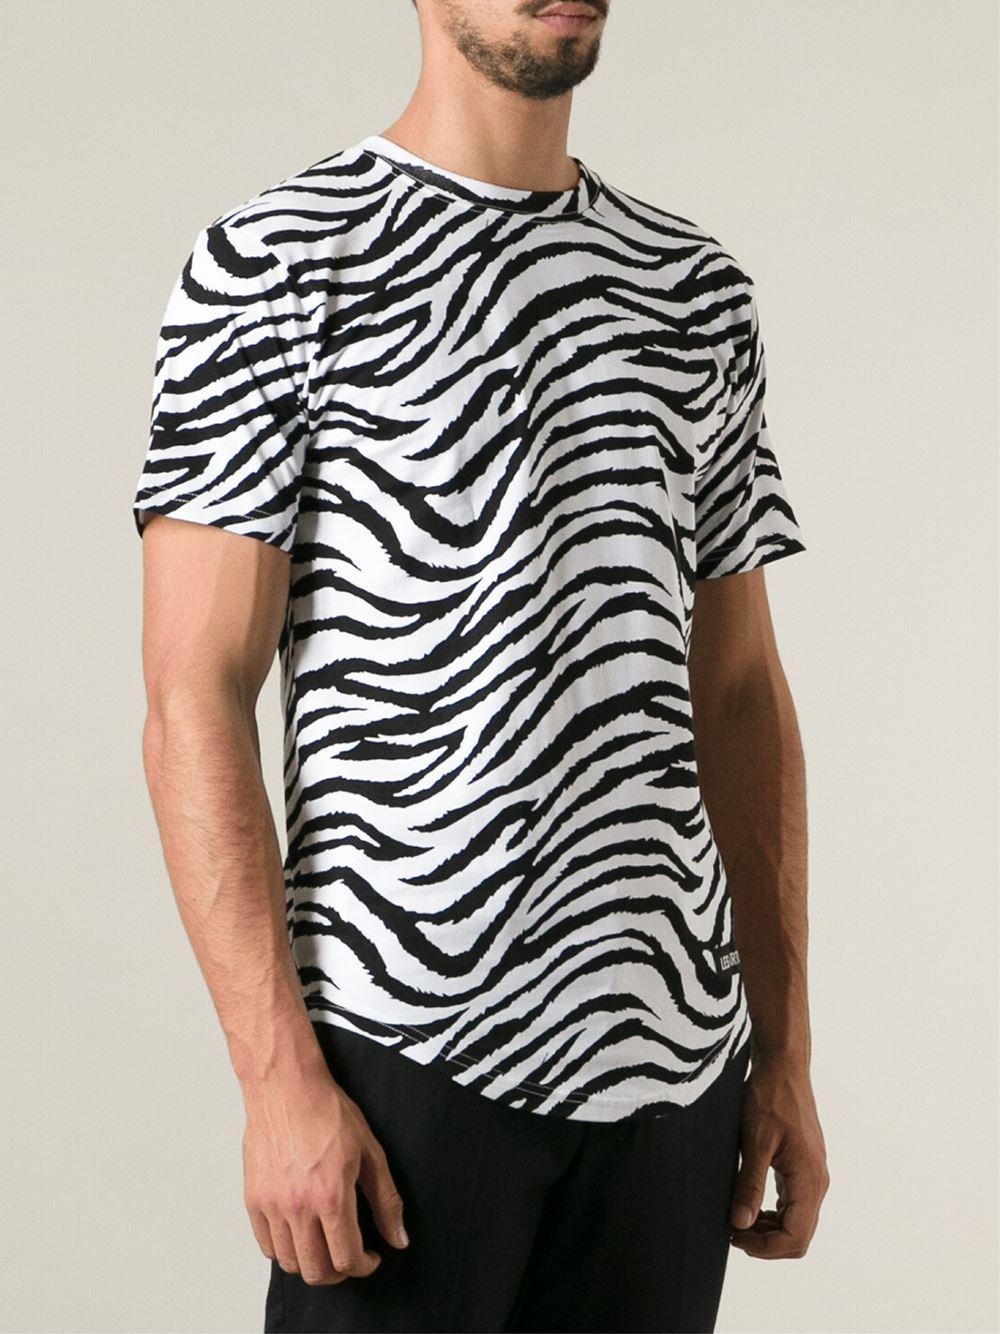 Zebra T Shirt Les (art)ists L...